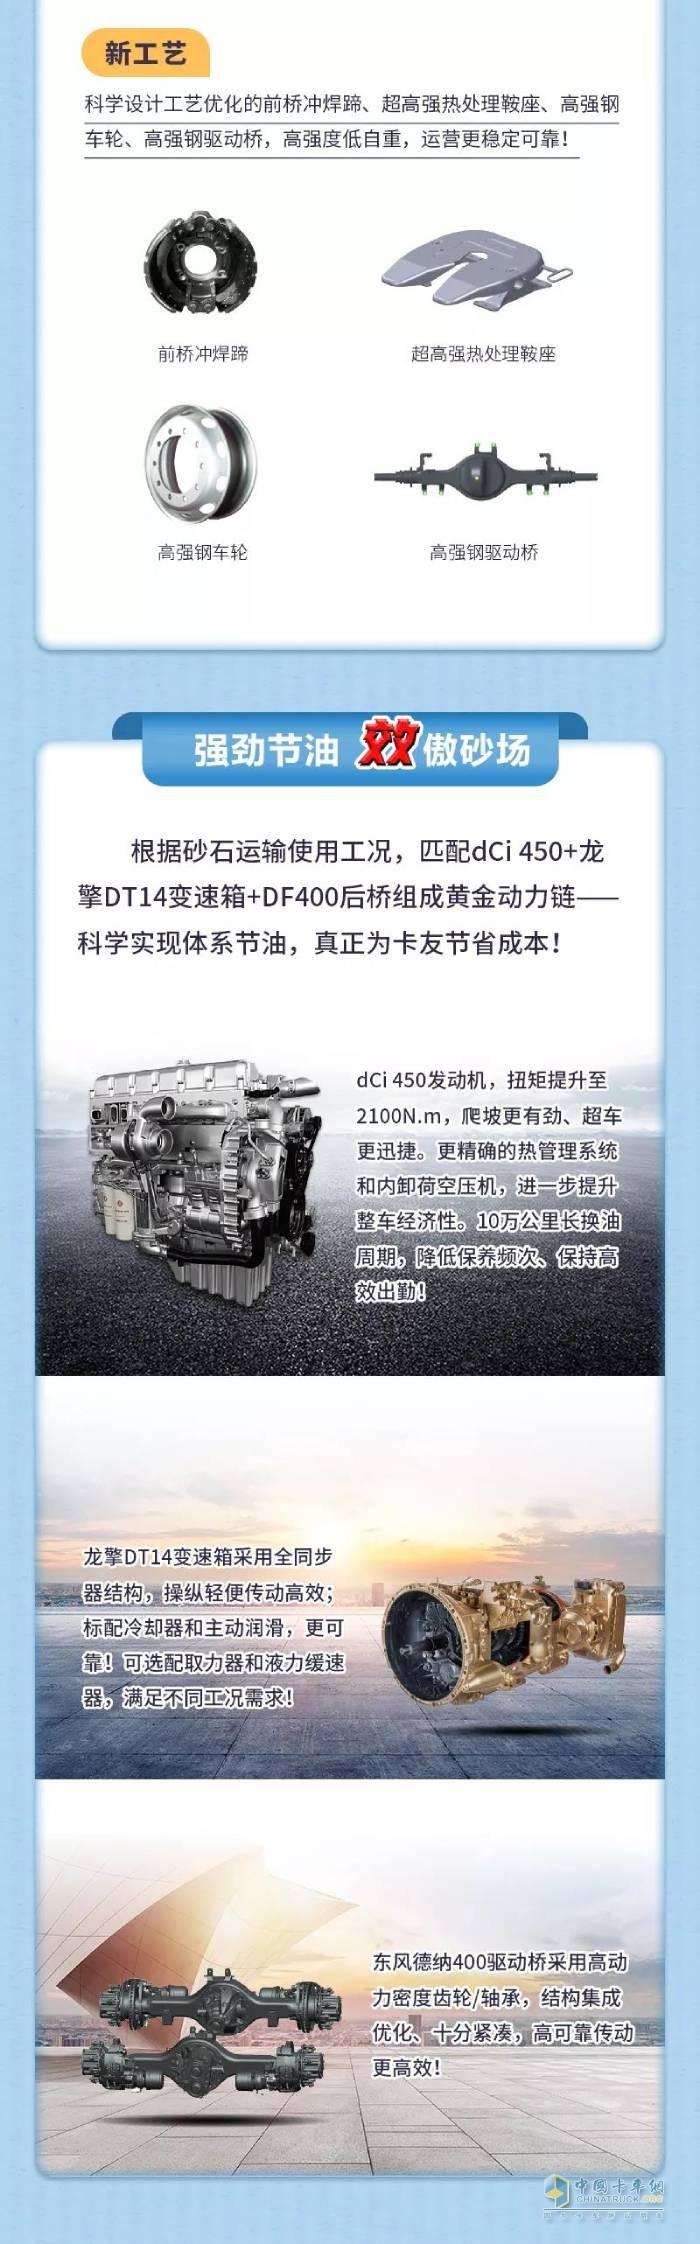 东风商用车 东风天龙VL 牵引车